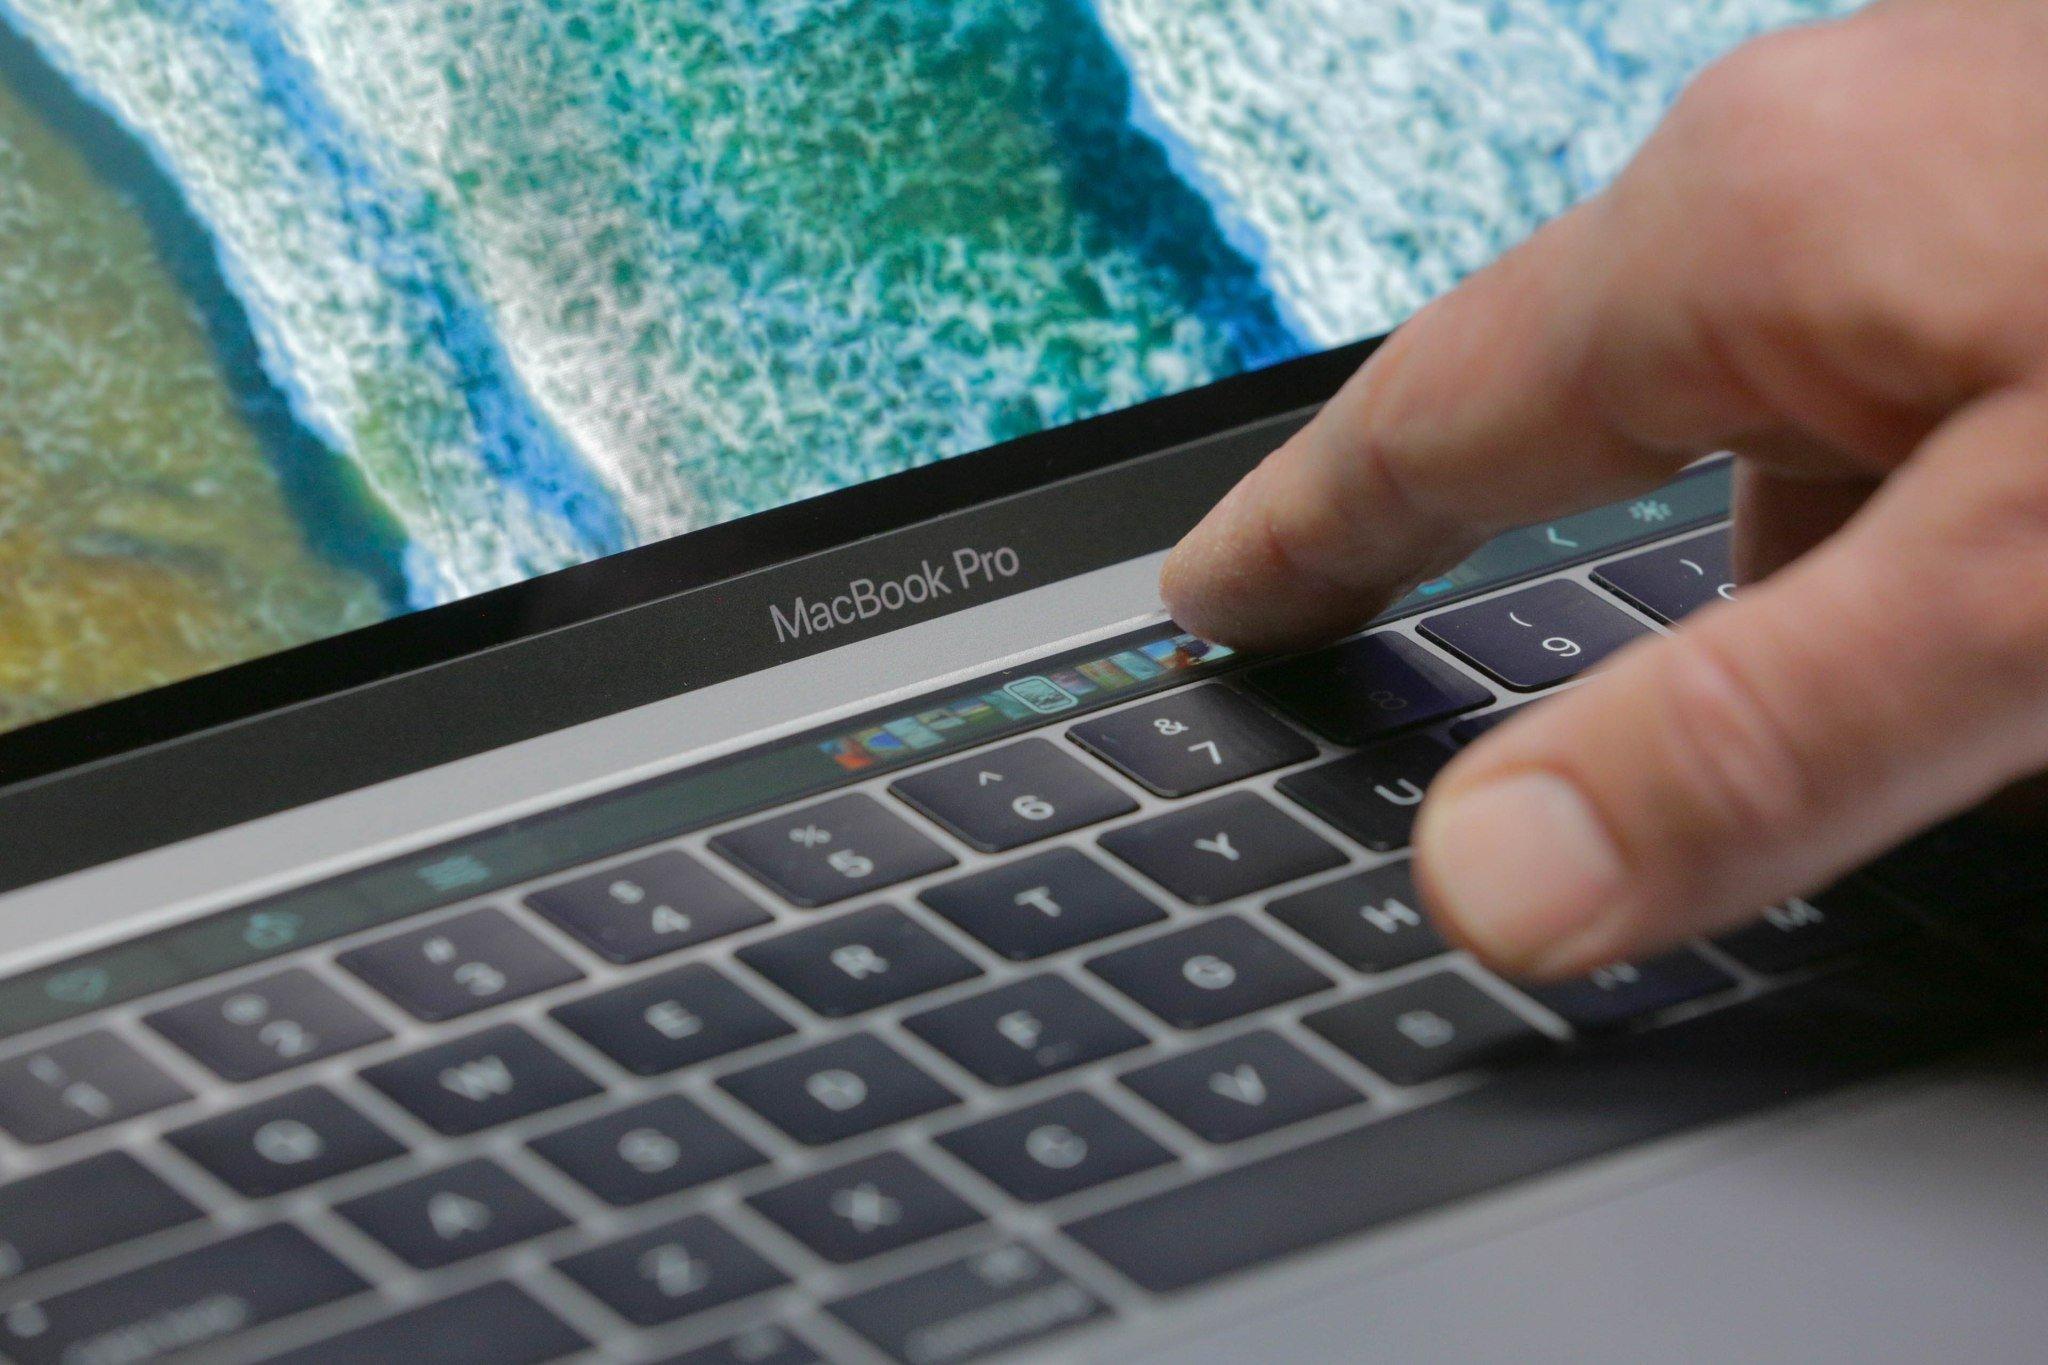 Teclado de MacBook Pro